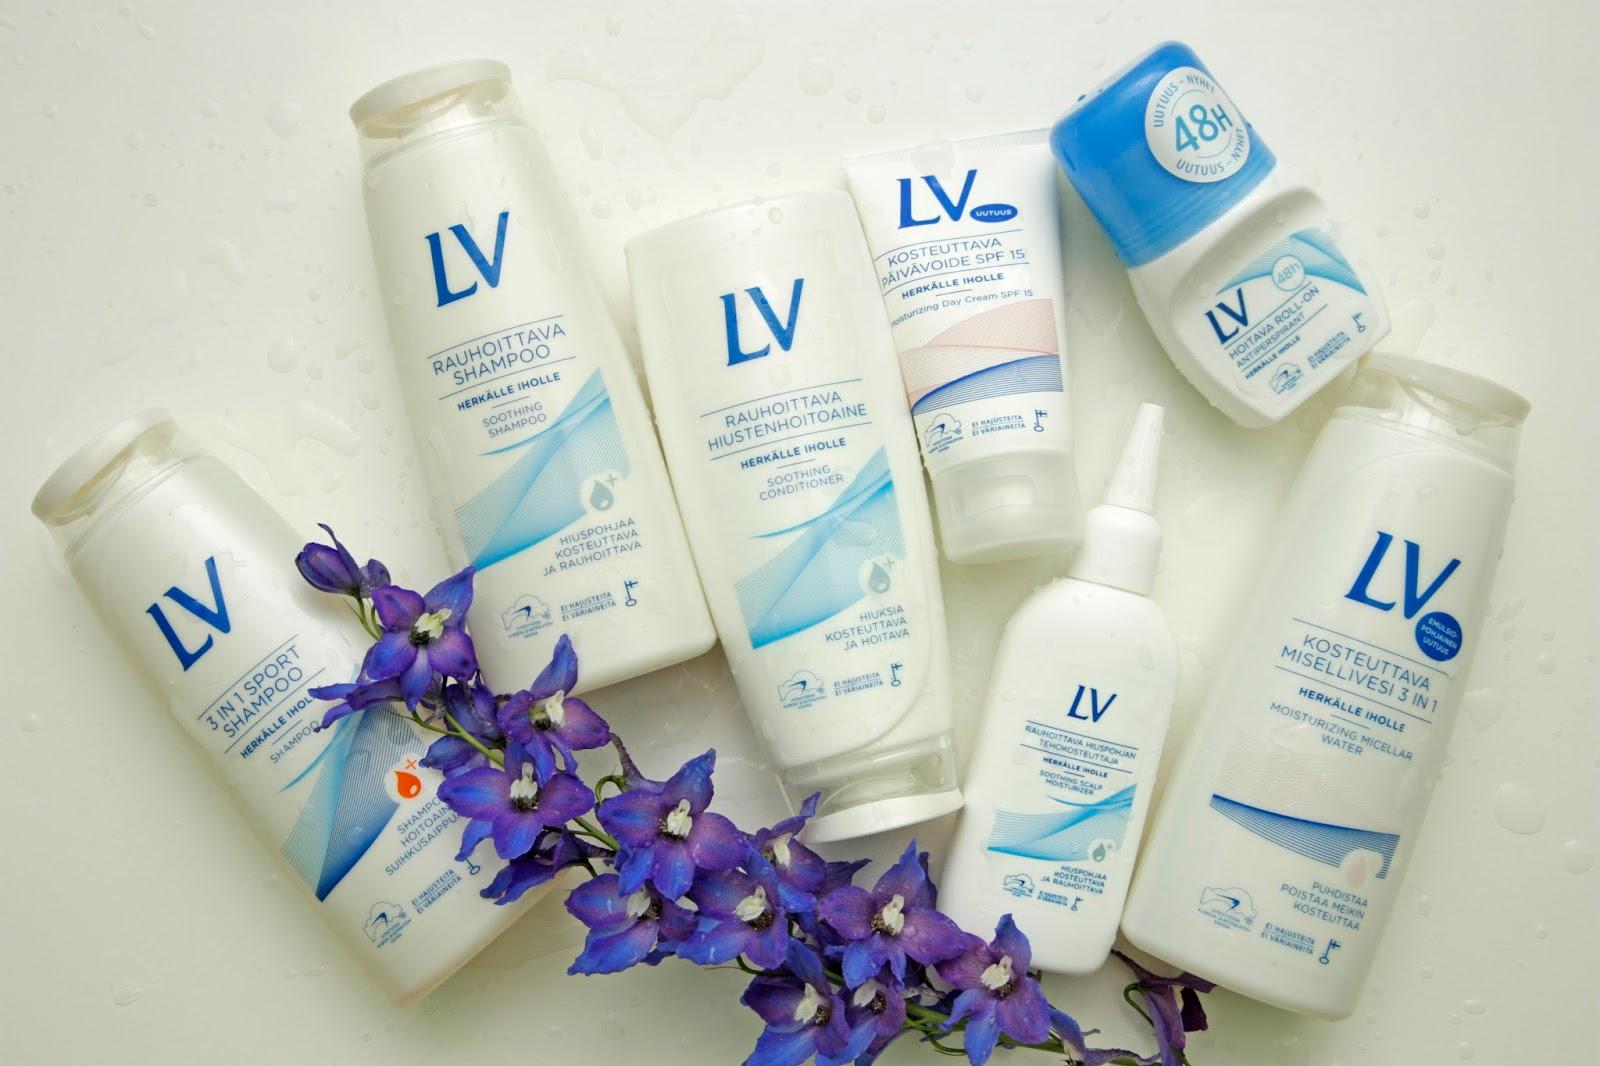 Купить гипоаллергенную косметику lv купить индийскую косметику в ростове на дону